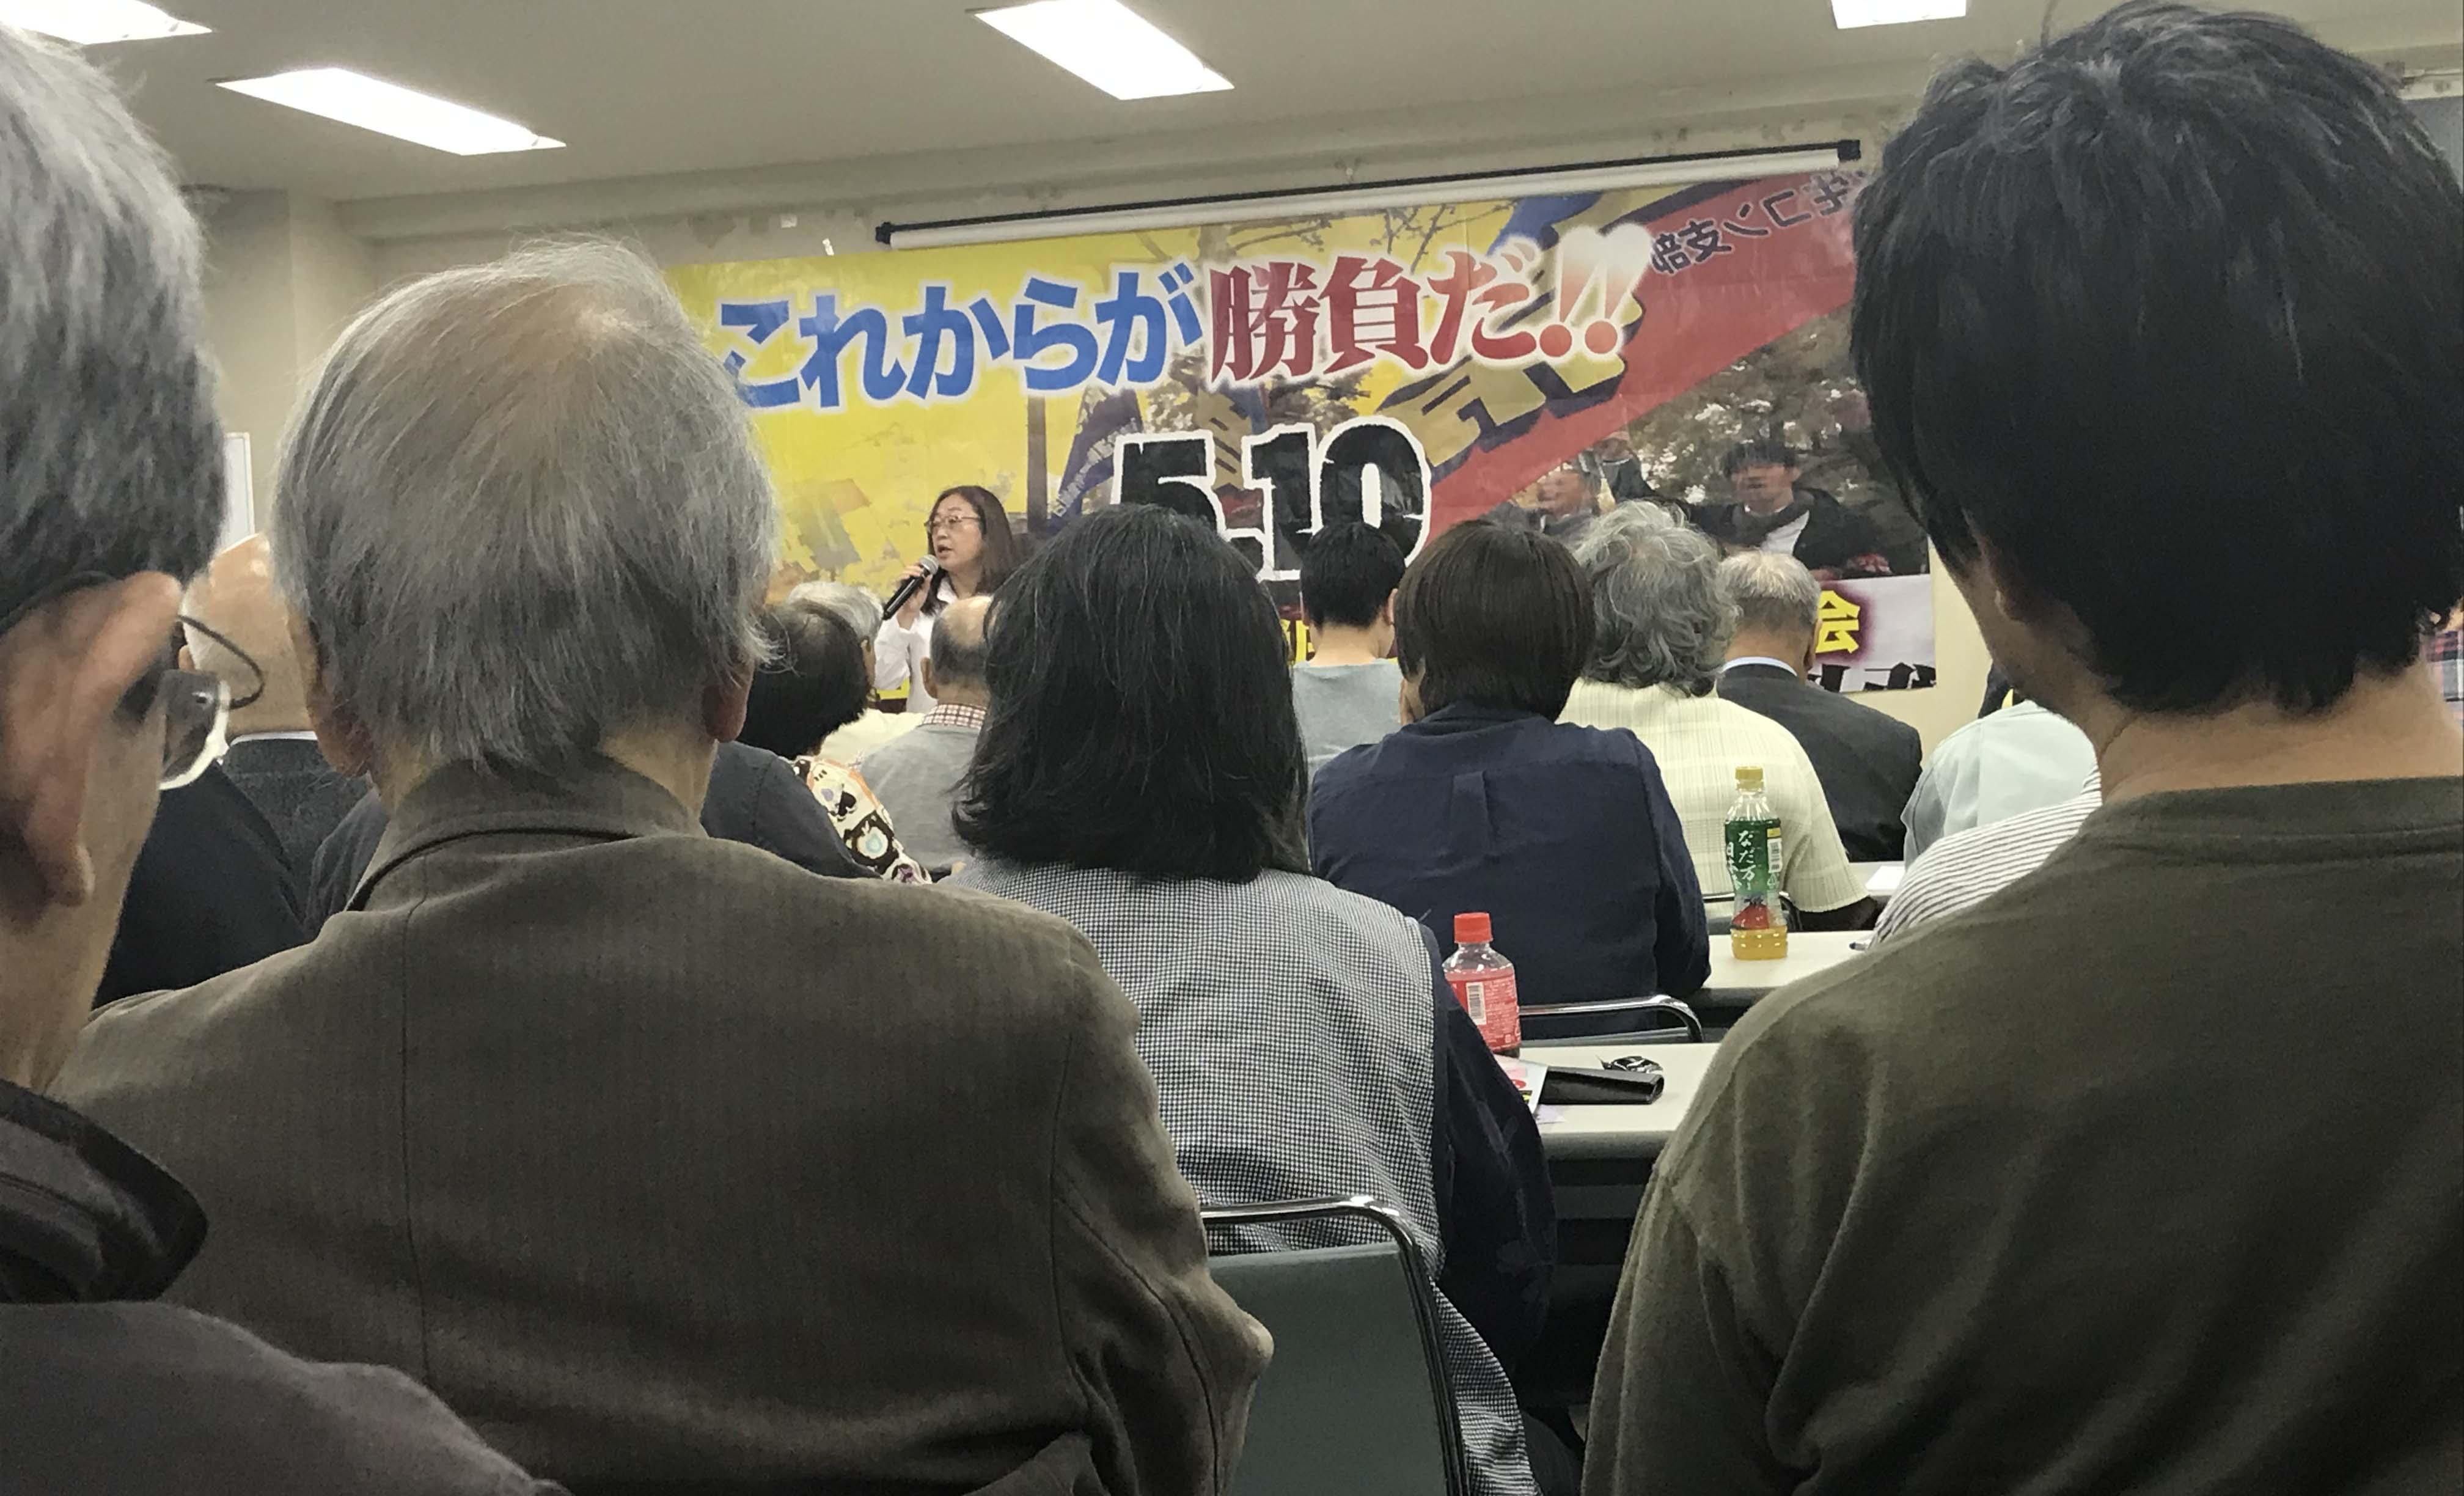 労働組合つぶしの大弾圧に反撃する東京集会